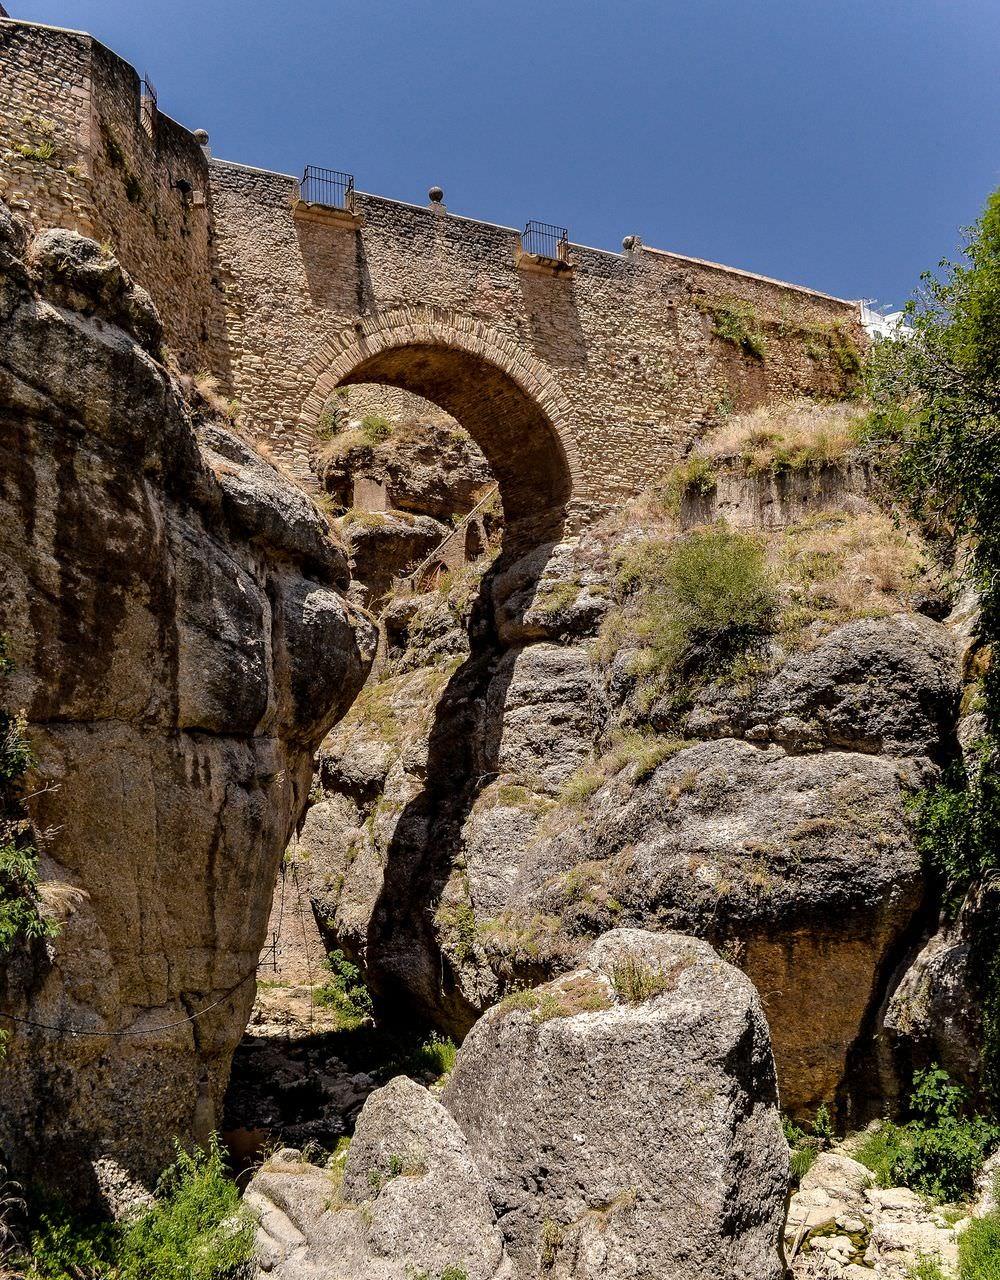 Римский мост (Puente Romano)